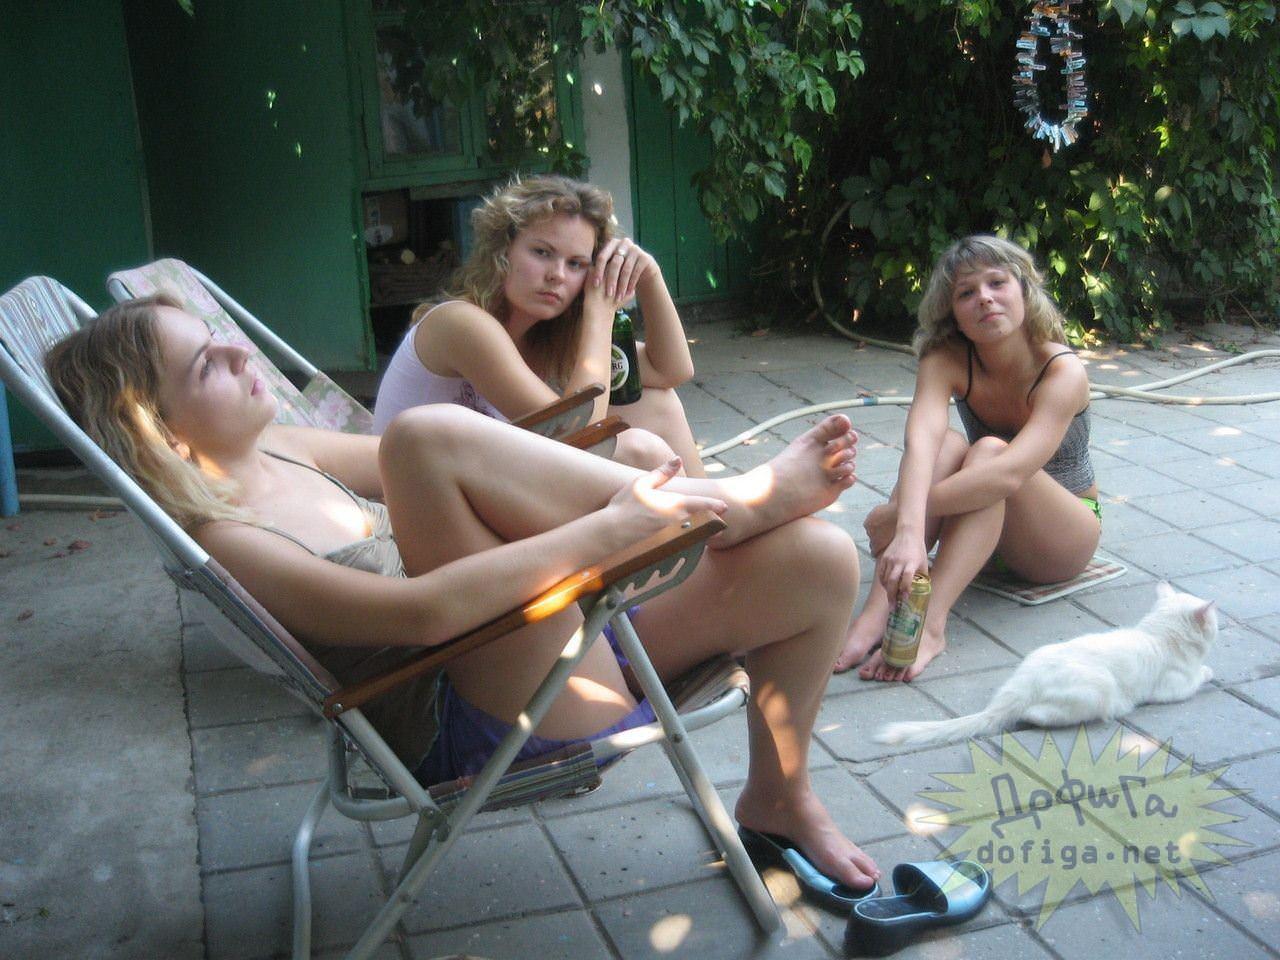 【外人】ロシア人の貧乳おっぱい美少女がクリミア半島旅行中に撮影したフルヌードポルノ画像 18128